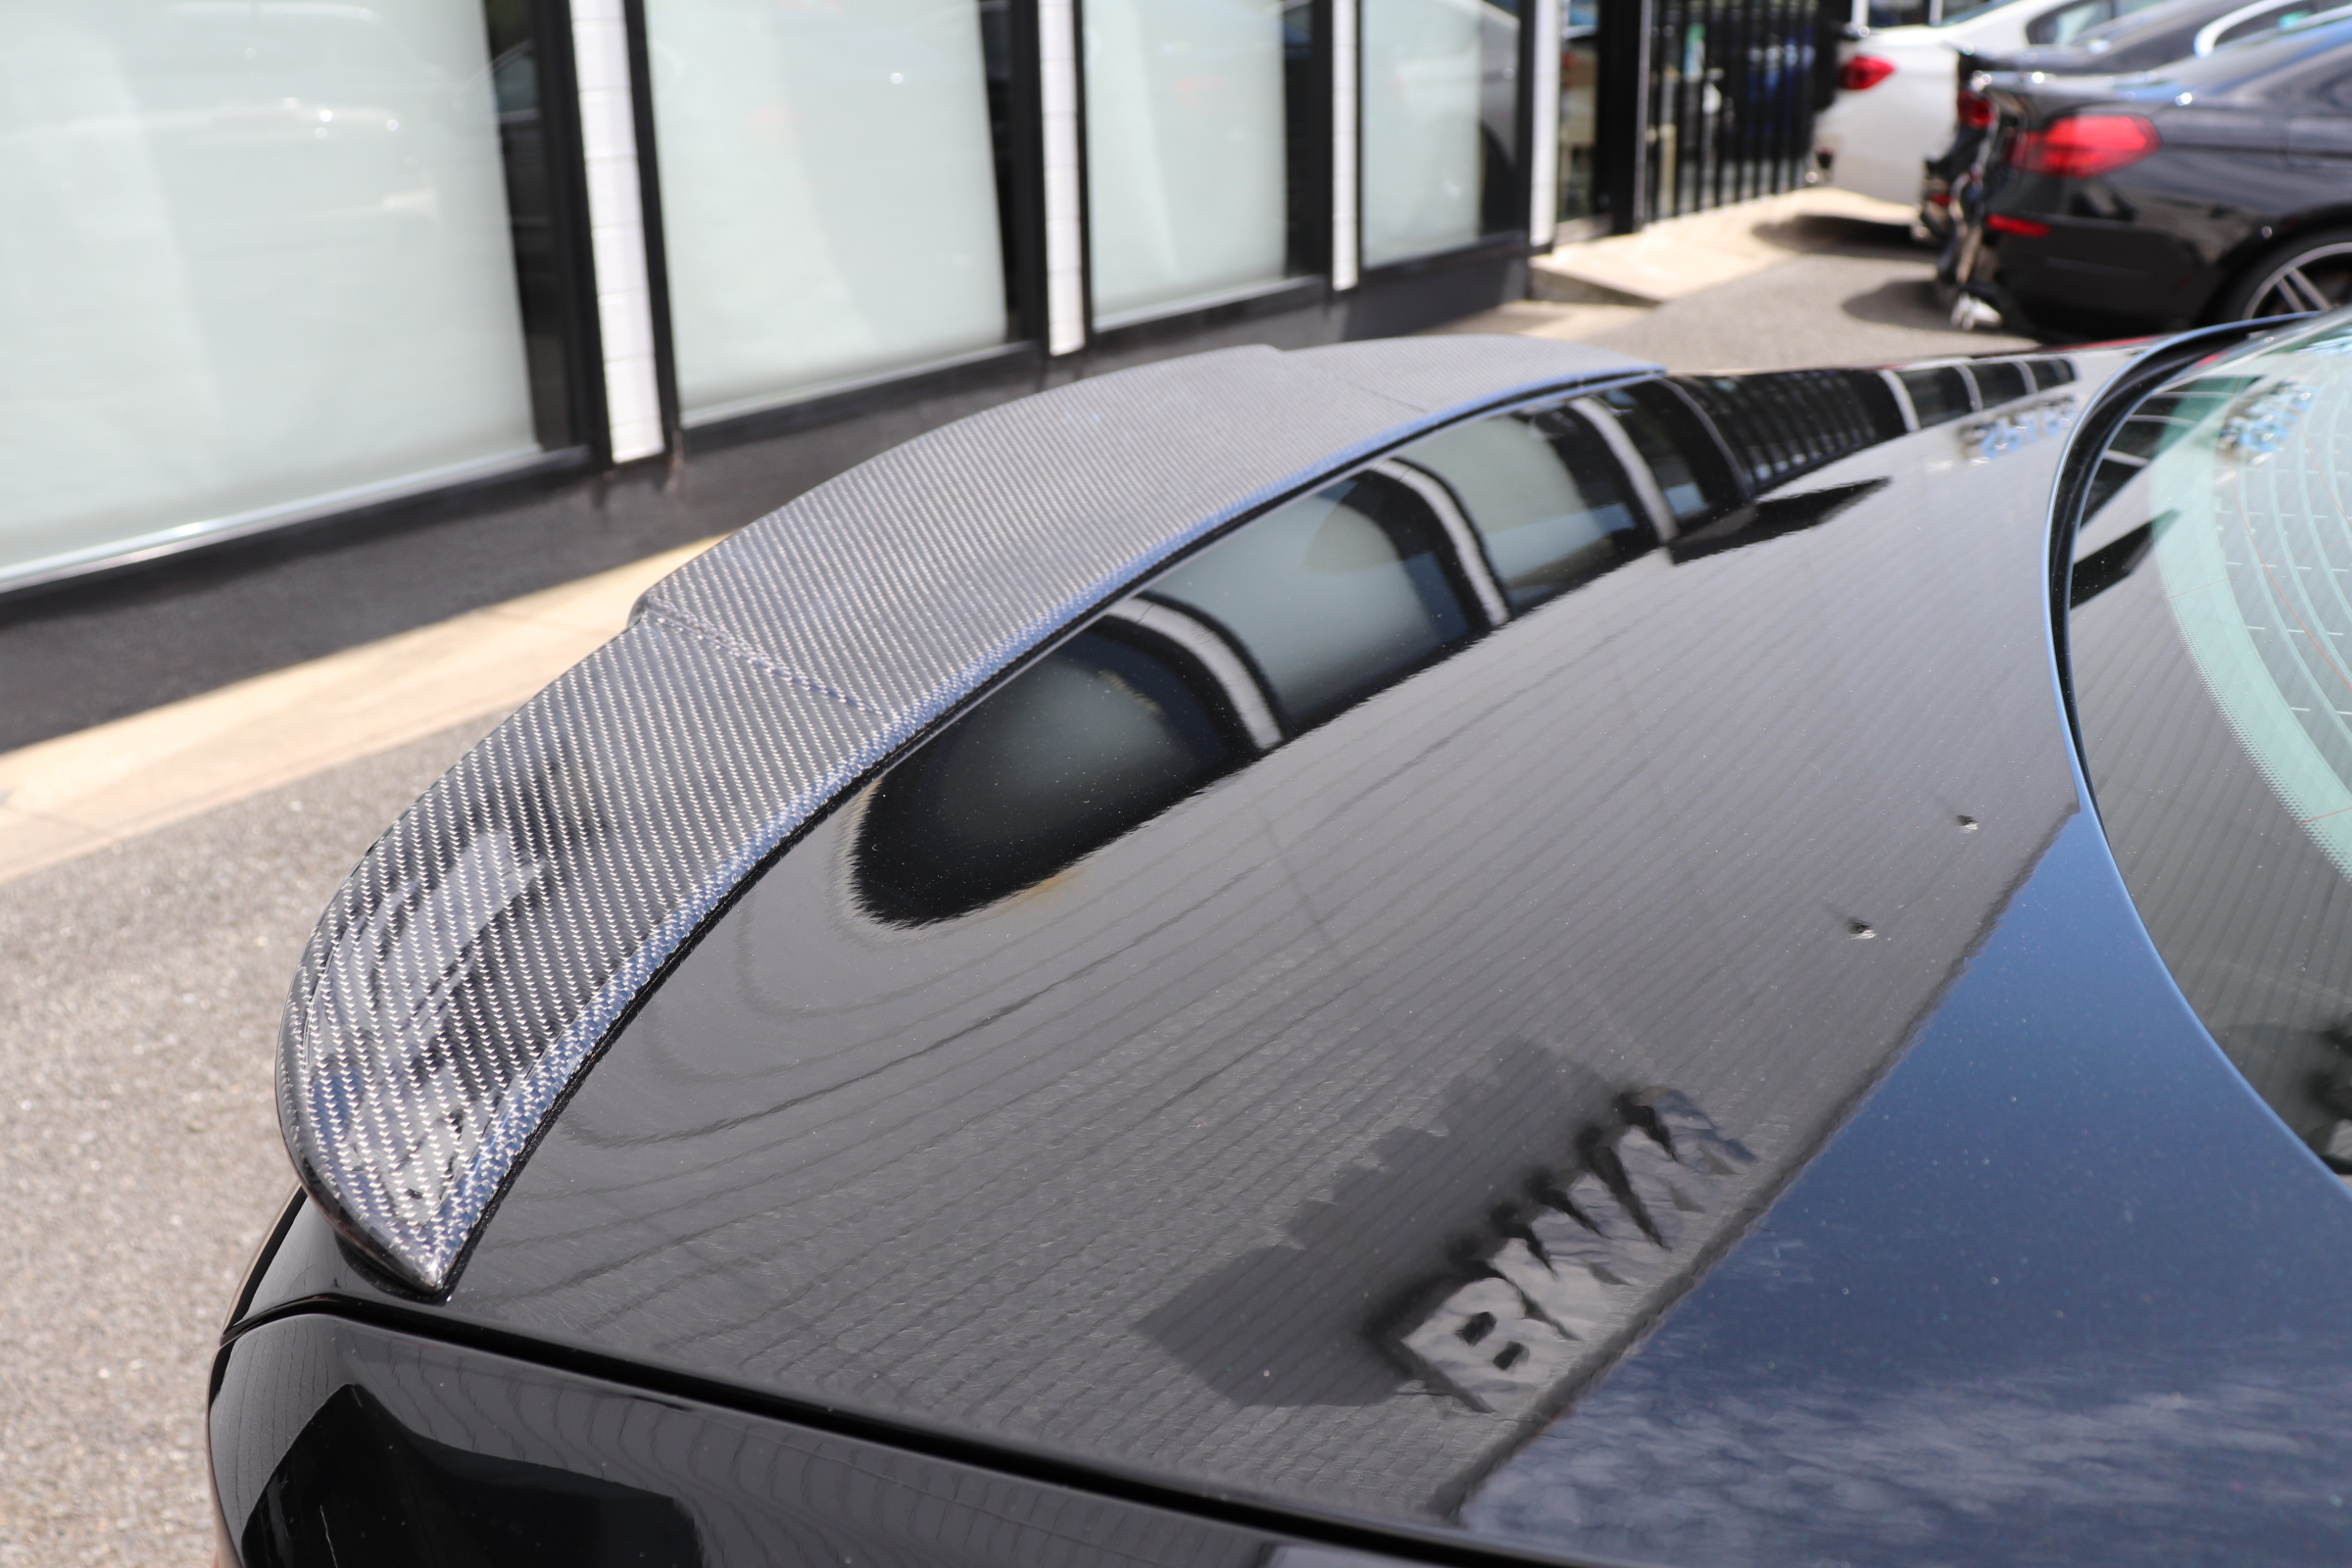 530iラグジュアリー BEAMコンプリートカー ブラックレザー 4本マフラー車両画像07